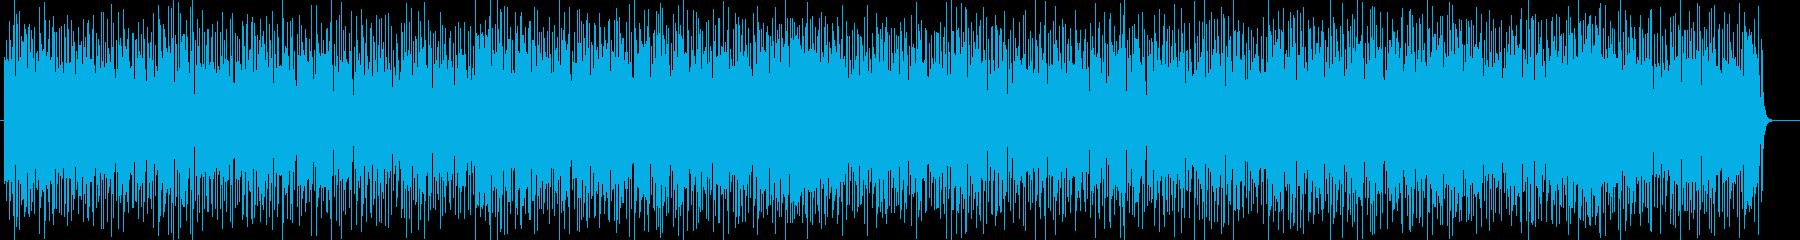 疾走感のあるピアノサウンドの再生済みの波形